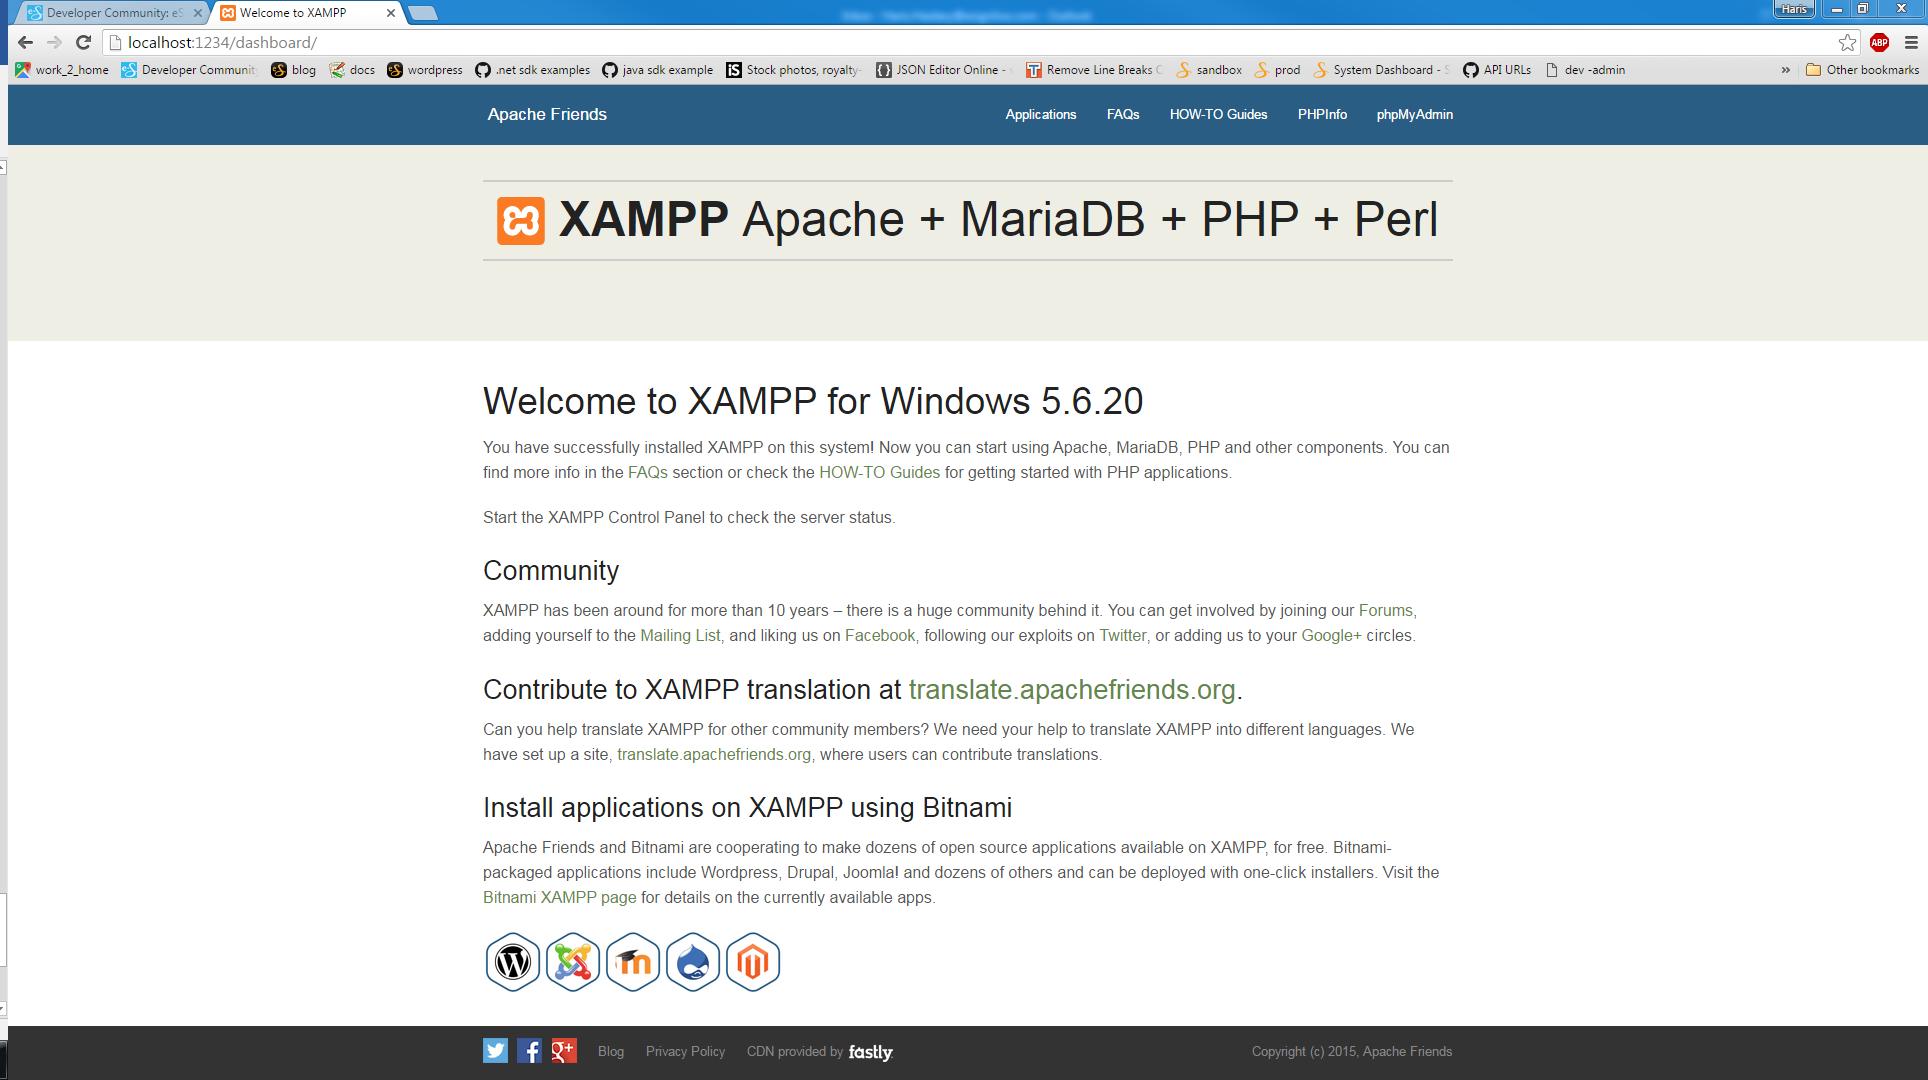 xampp_home